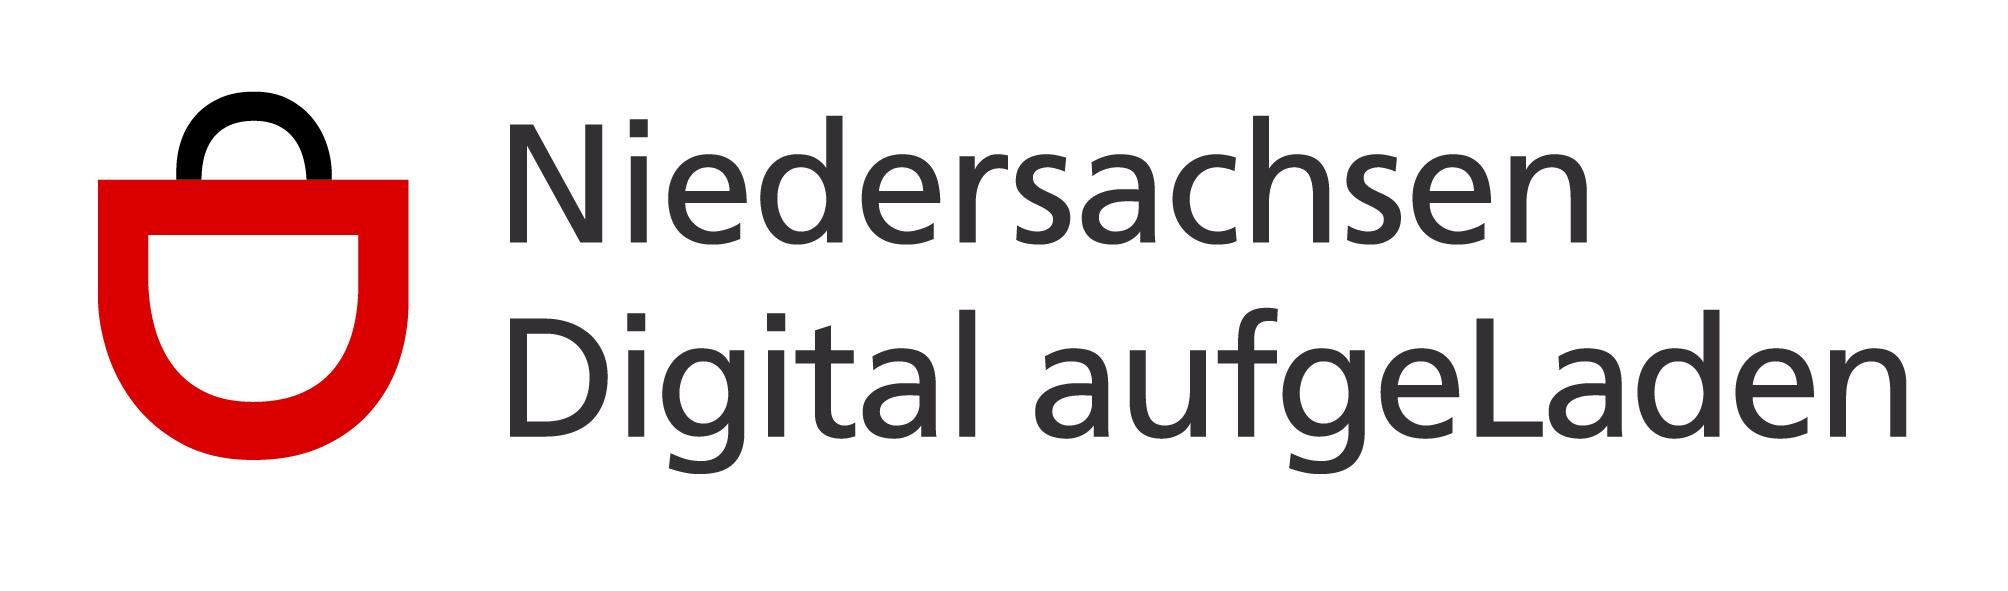 Herzlich Willkommen - Digital aufgeLaden